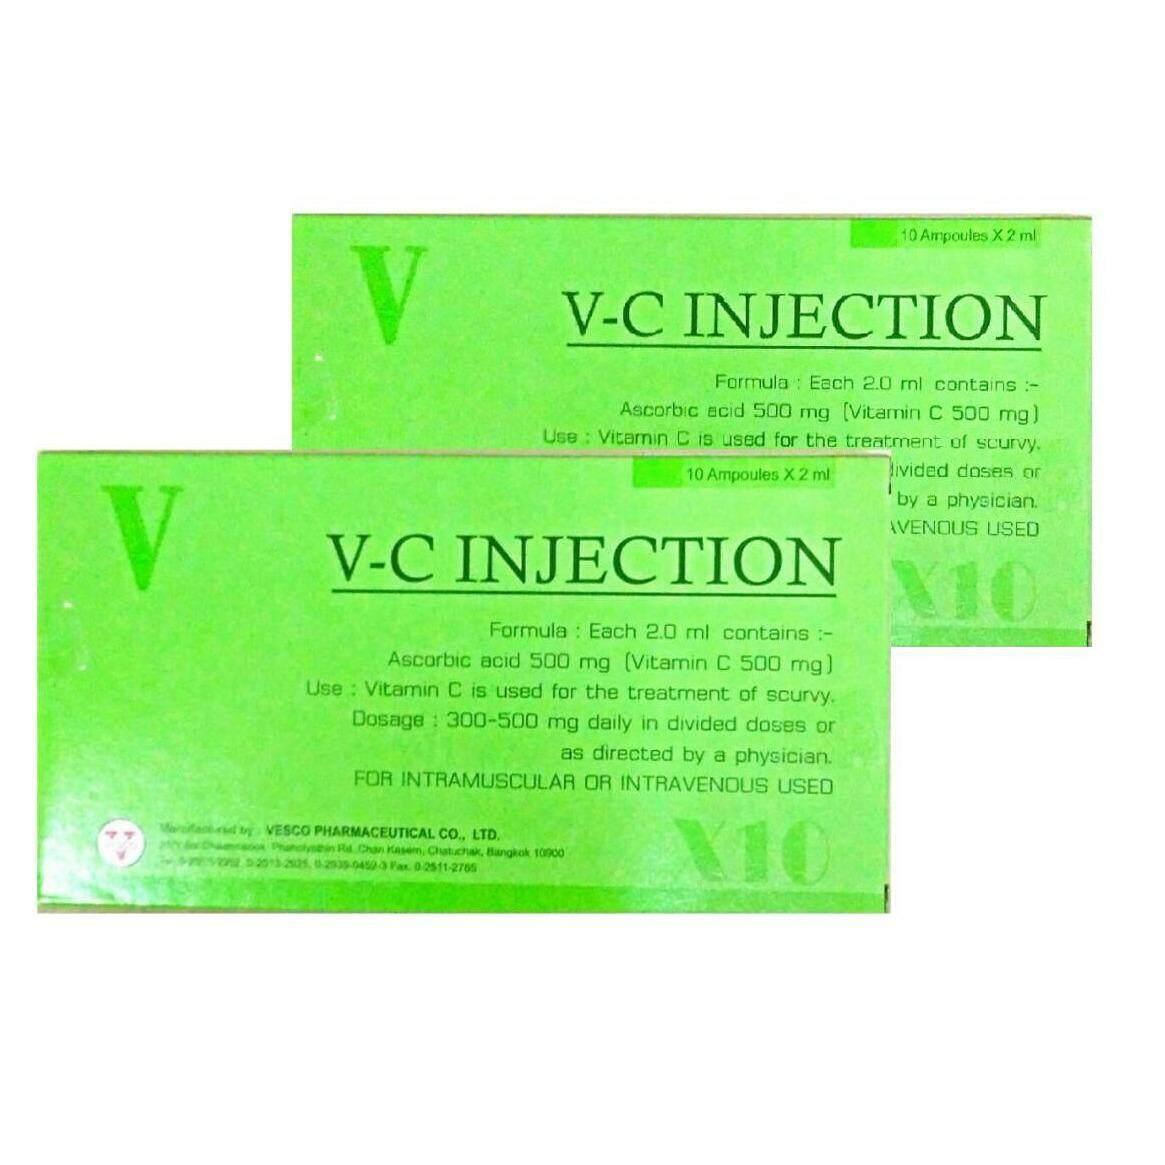 ราคา วิตซีหน้าใส V C Injection กล่องเขียว บำรุงผิว กล่องละ 10 หลอด 2 กล่อง ใหม่